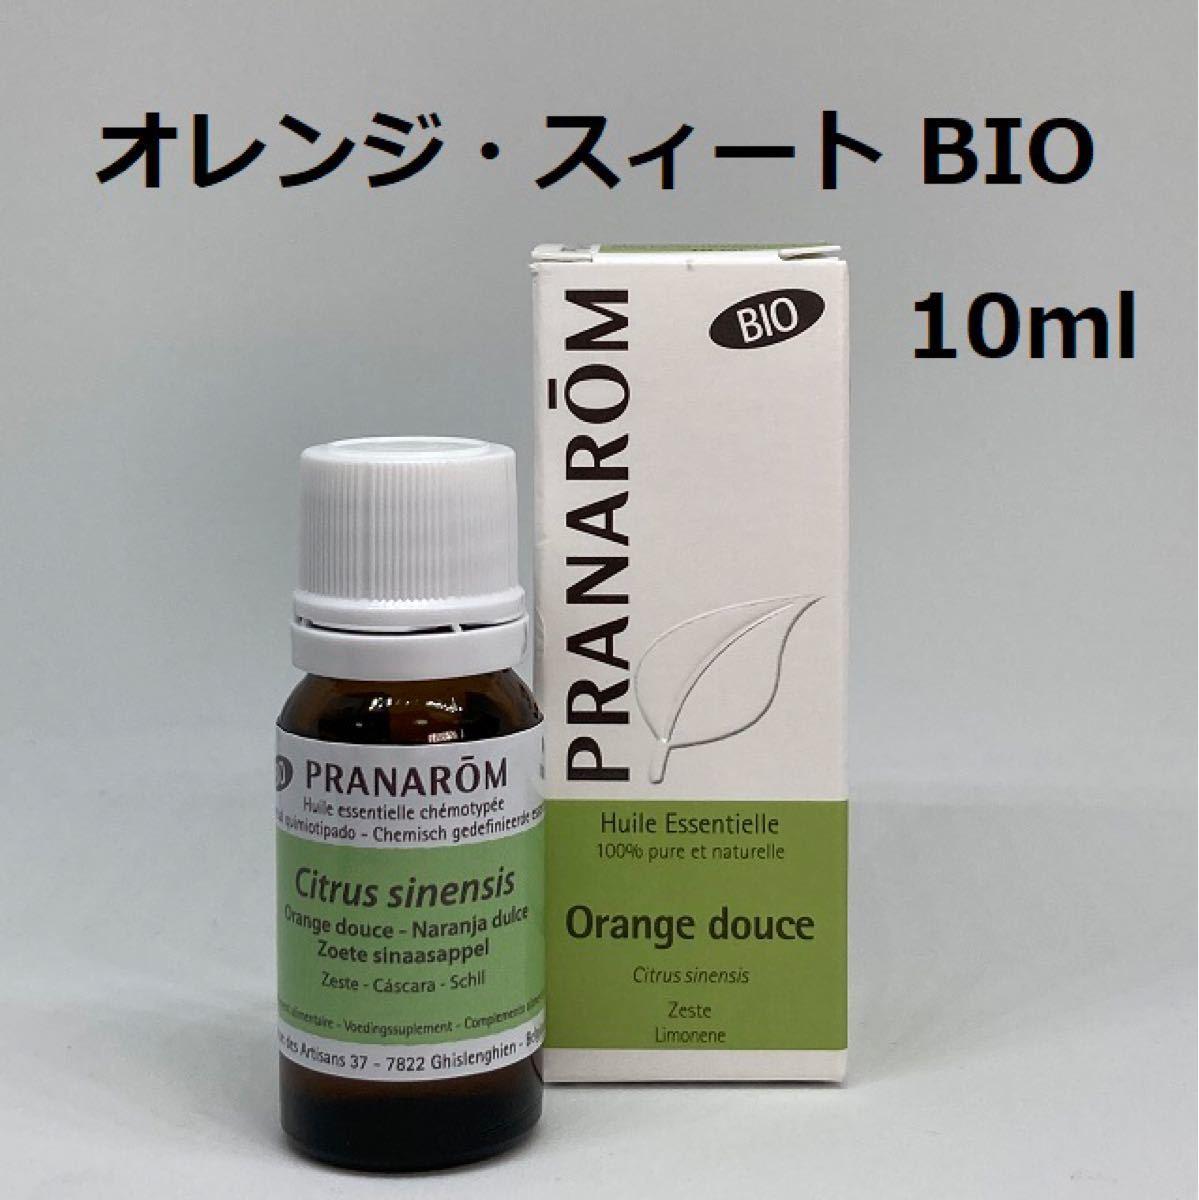 プラナロム ヘリクリサム BIO 5ml、オレンジスィート  BIO 10ml